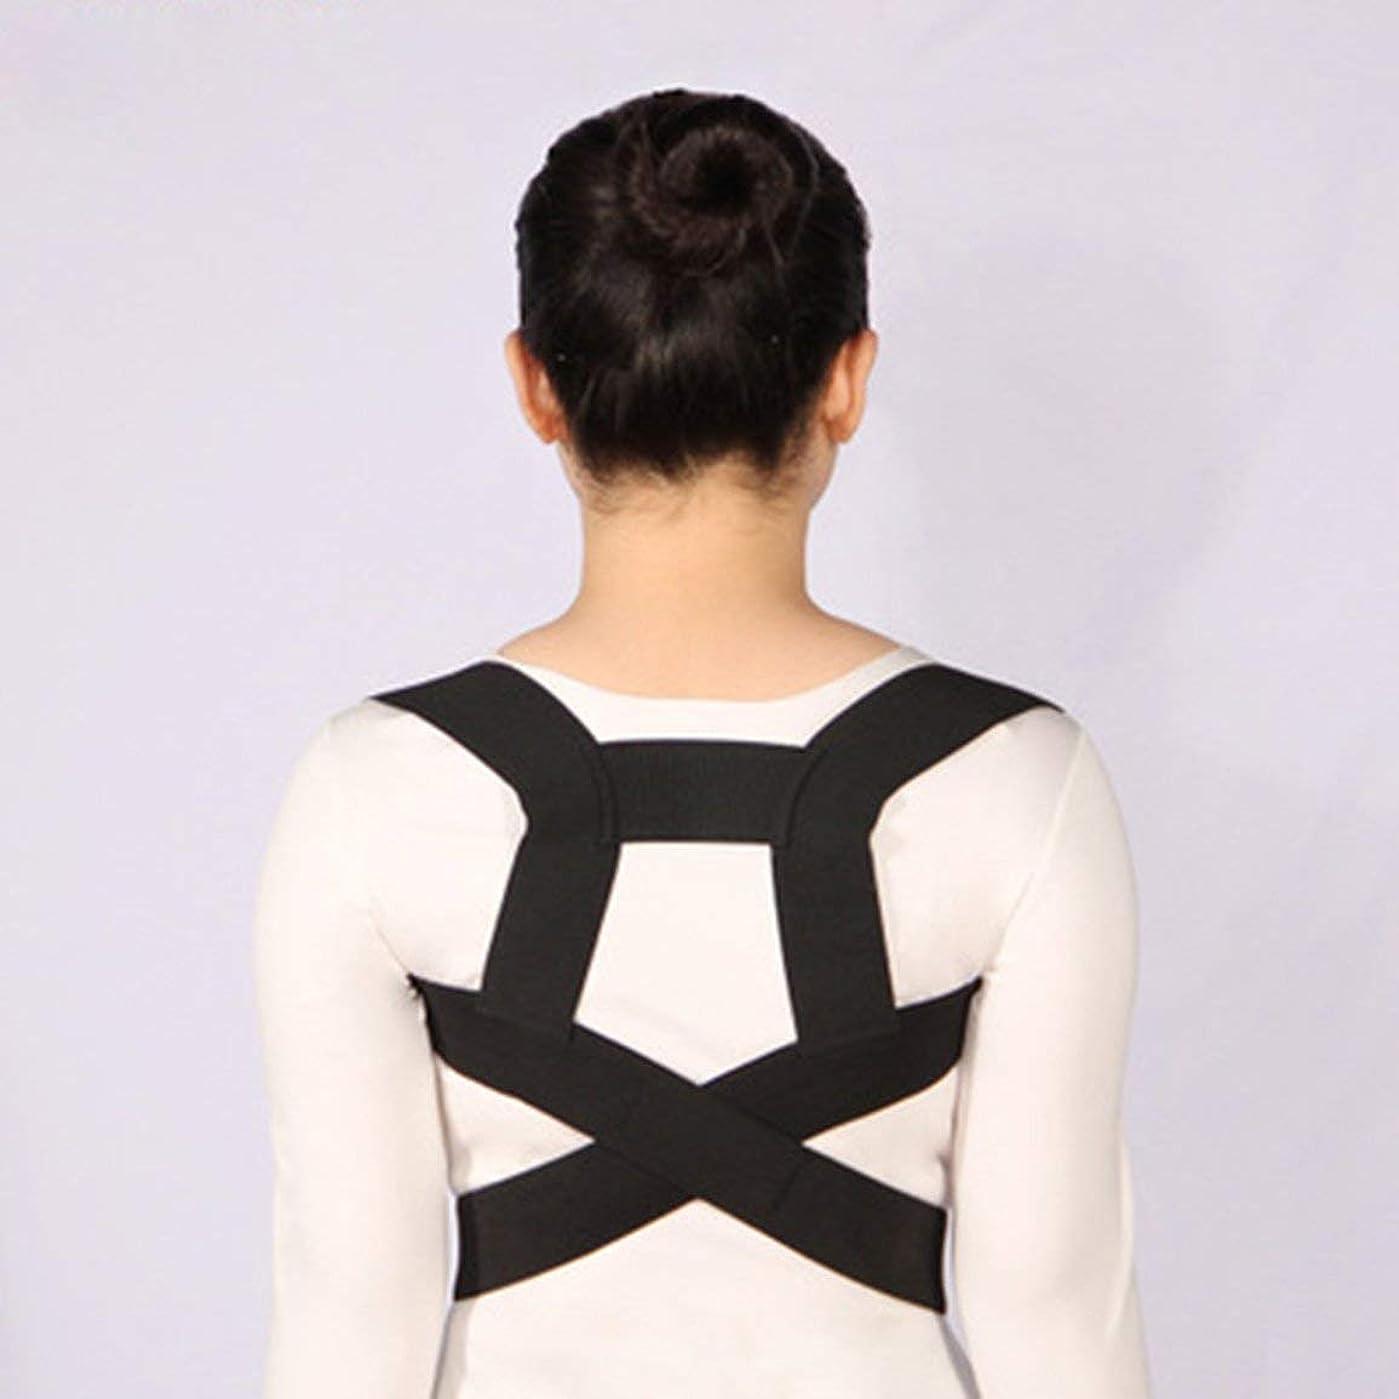 寸法指標修正姿勢矯正側弯症ザトウクジラ補正ベルト調節可能な快適さ目に見えないベルト男性女性大人シンプル - 黒